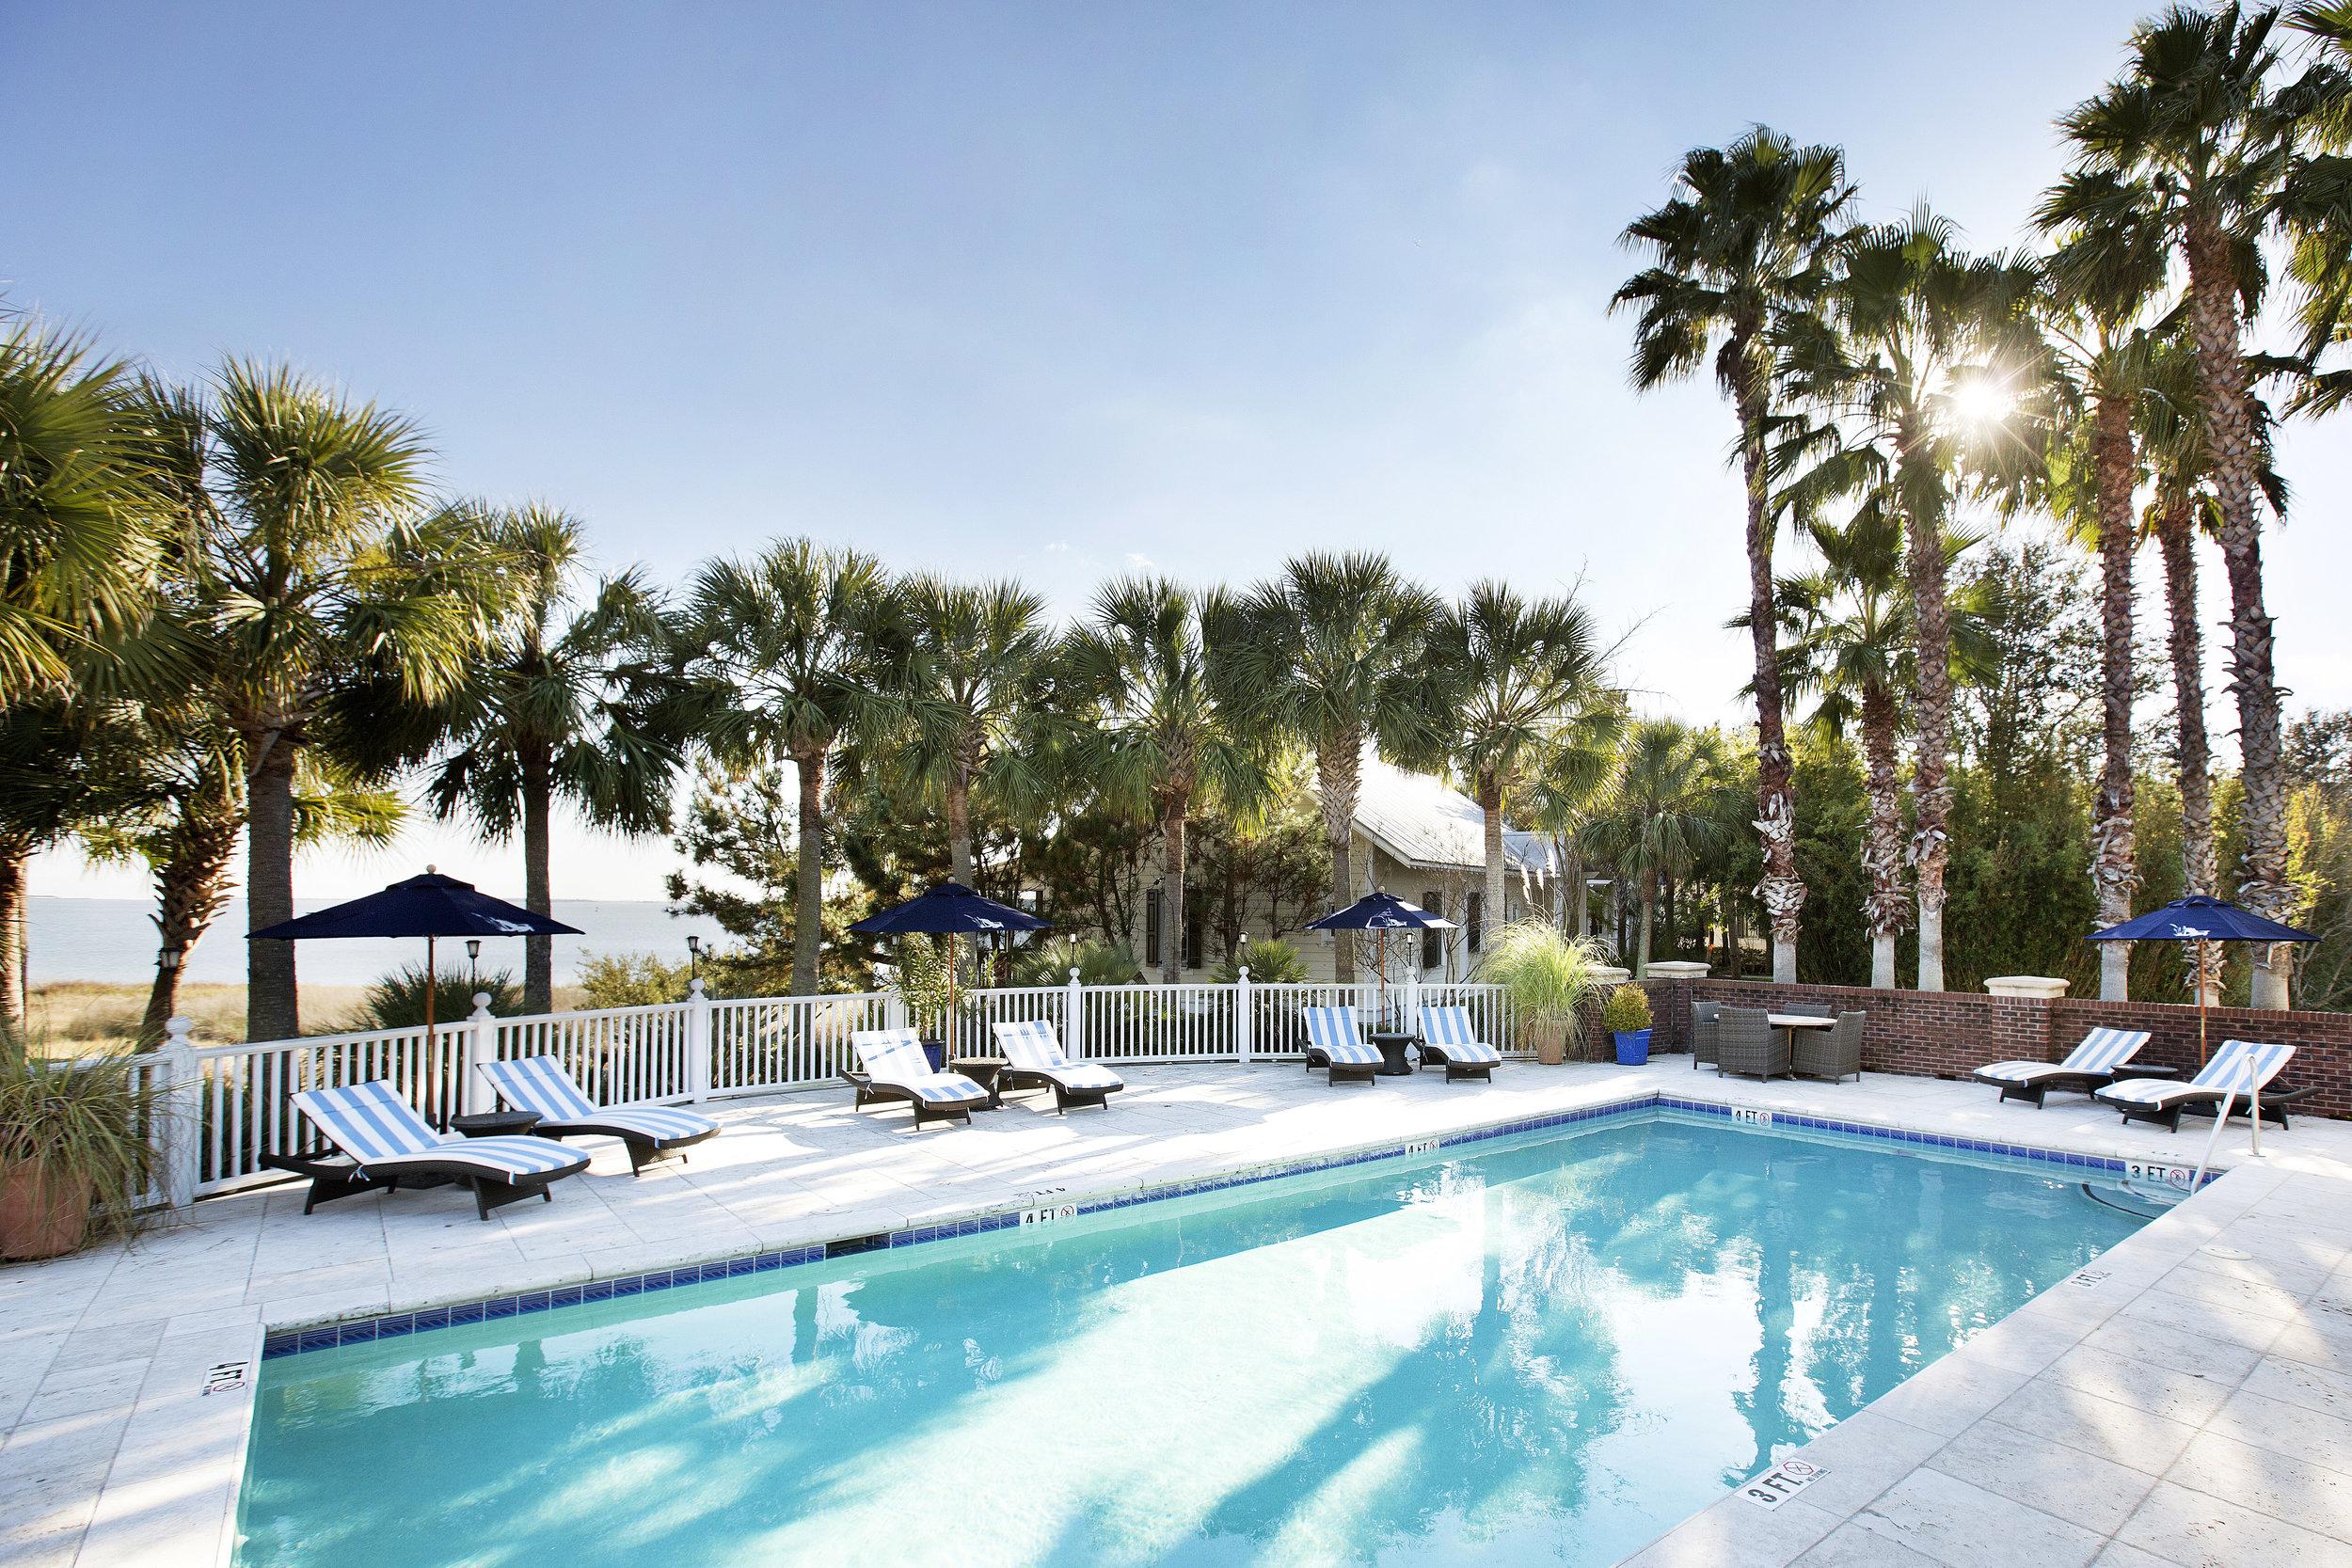 12-cottages-pool-deck.jpg